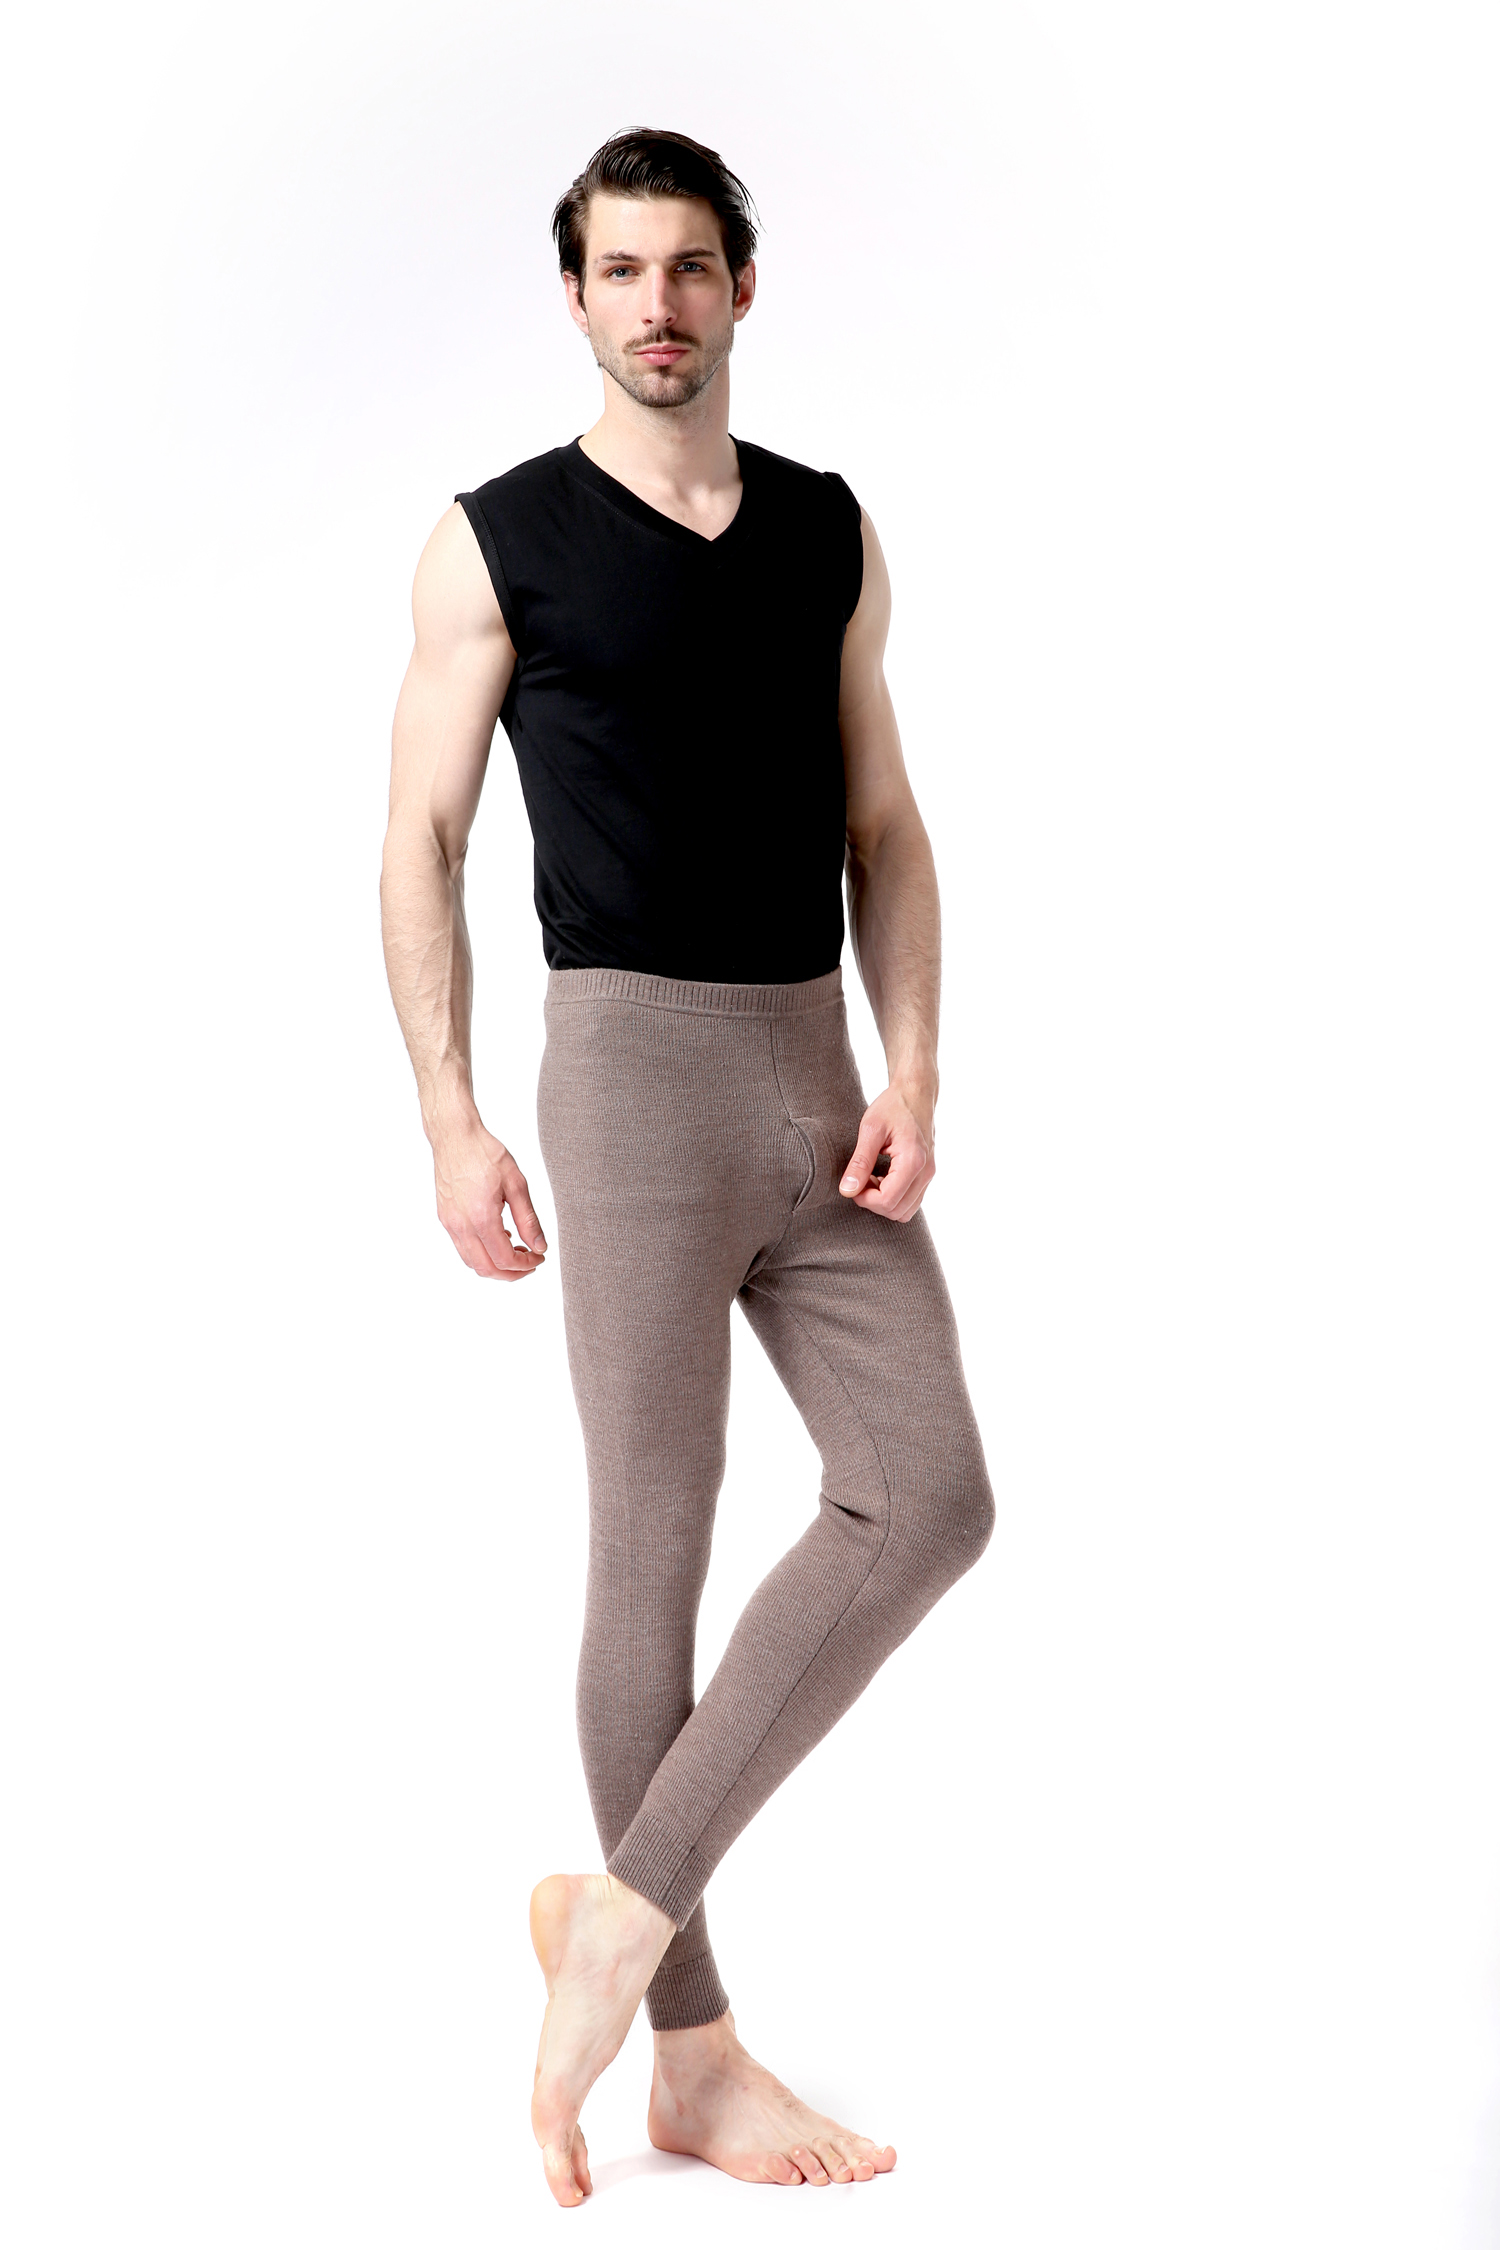 都兰诺斯澳毛男抽条裤生产公司,推荐中昊绒业_男士打底绒裤什么牌子好